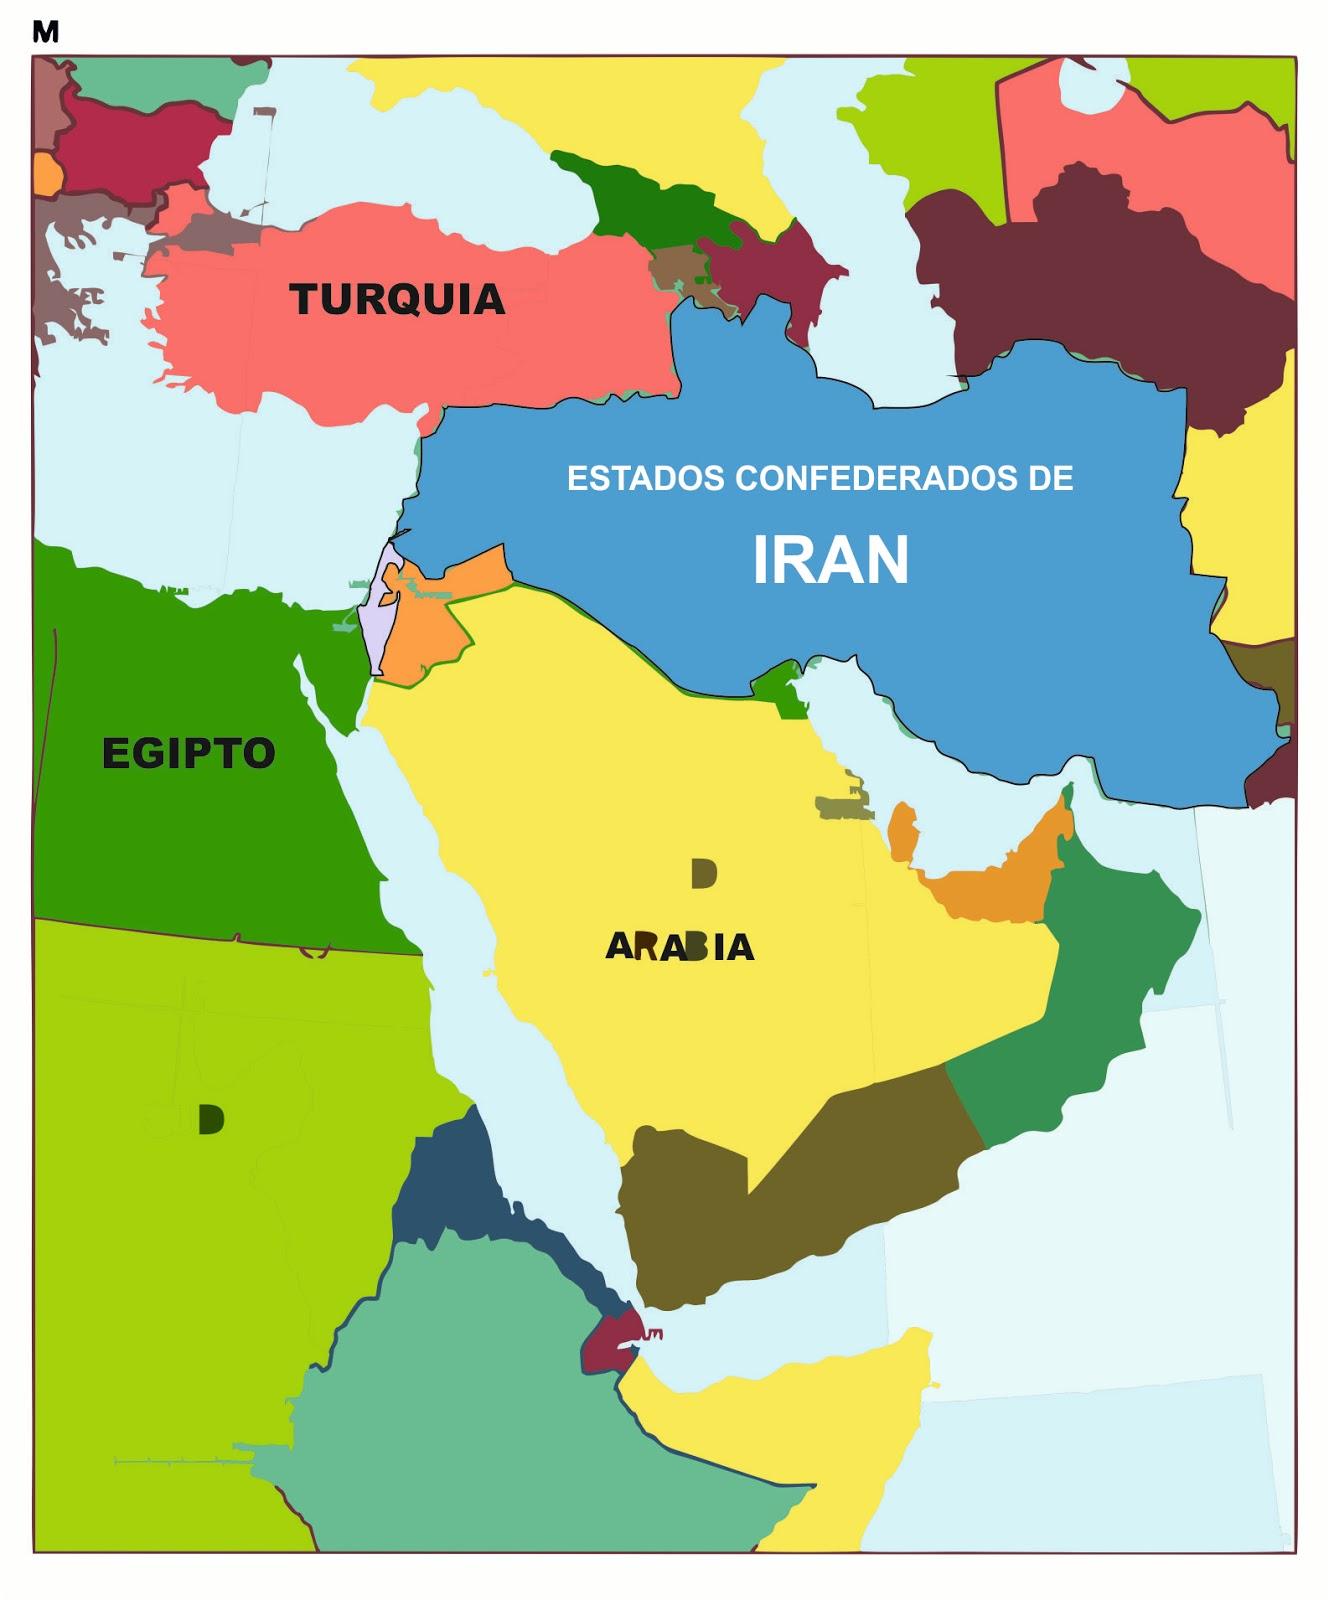 Persian Empire: THE NEW PERSIAN EMPIRE